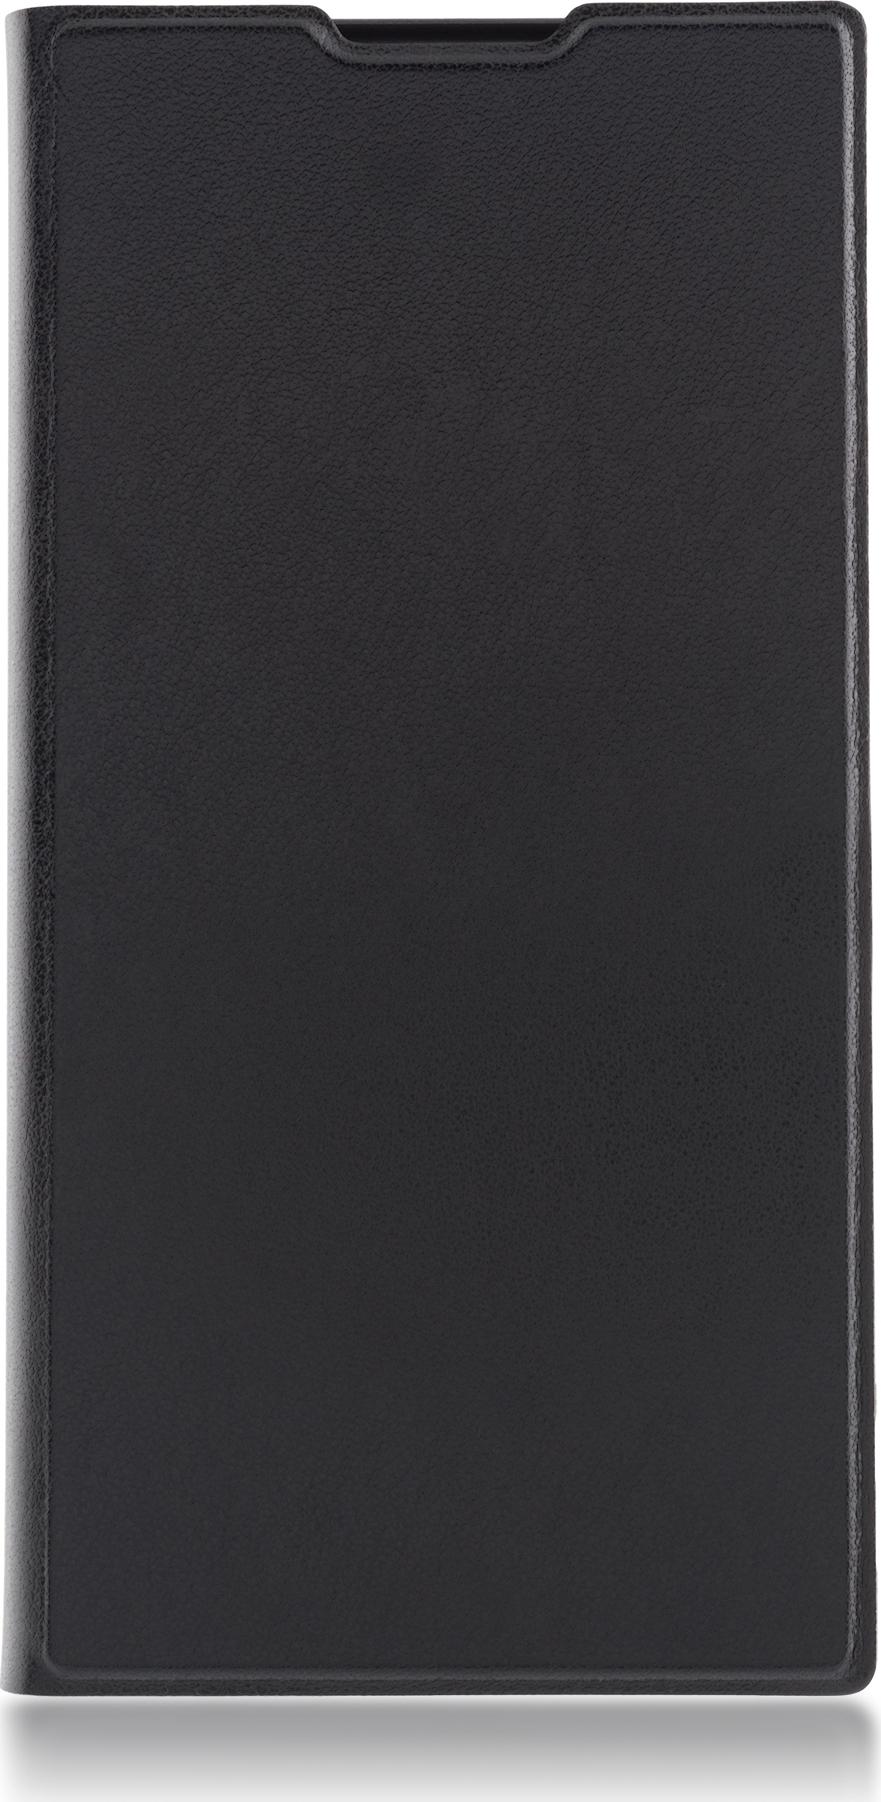 Чехол Brosco Book для Sony Xperia L1, черный цена